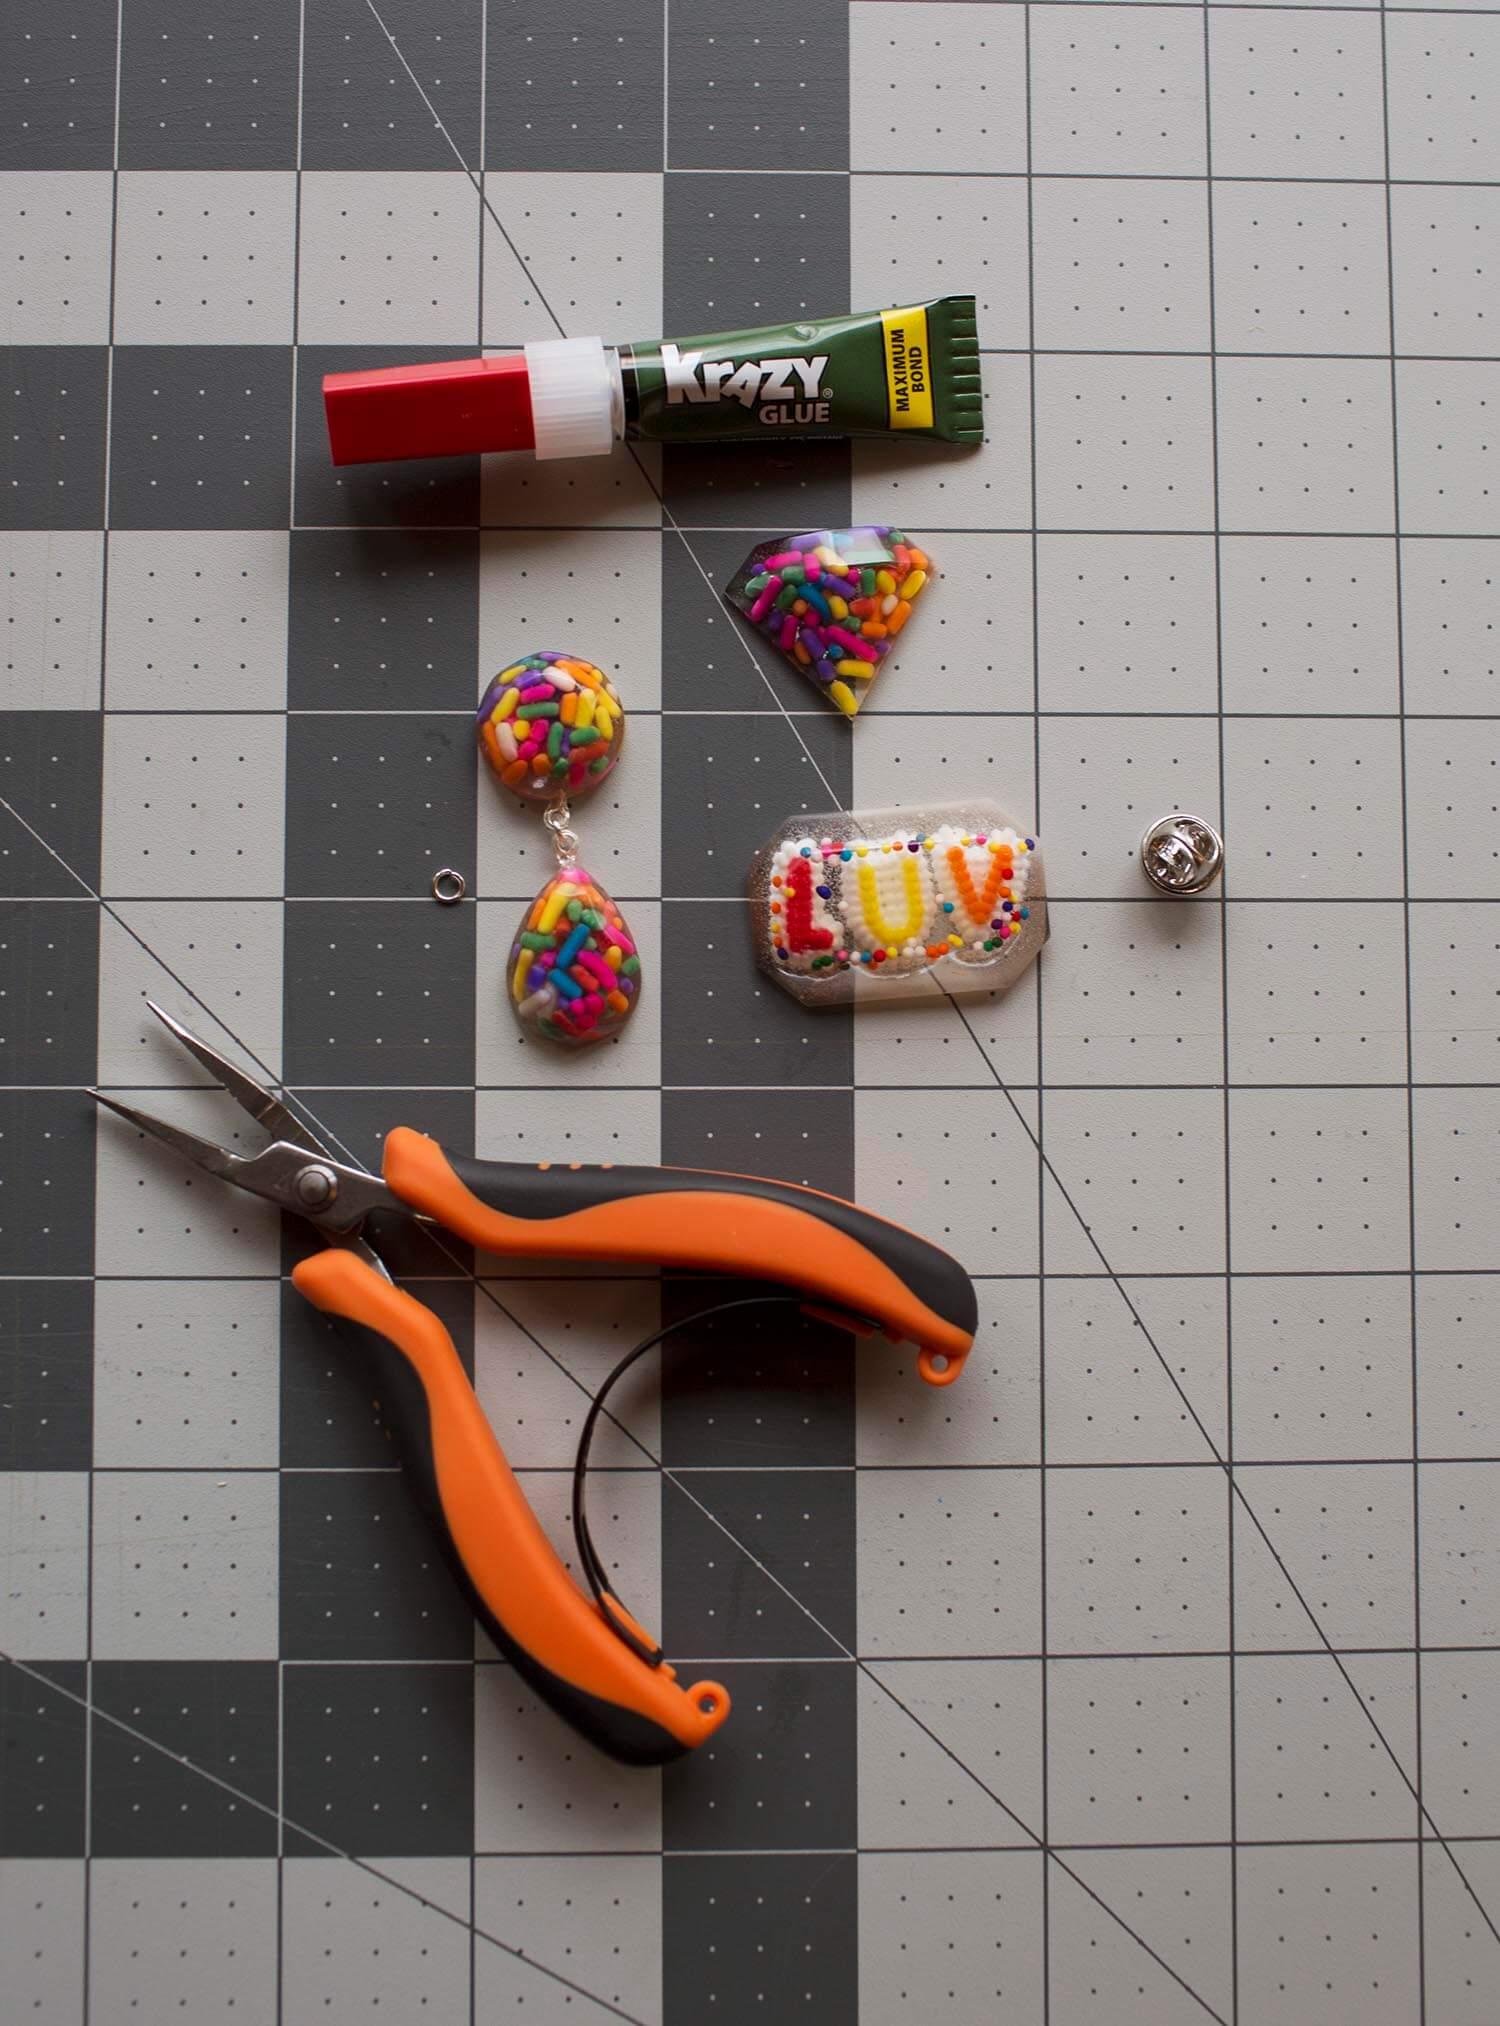 Assemble jewelry